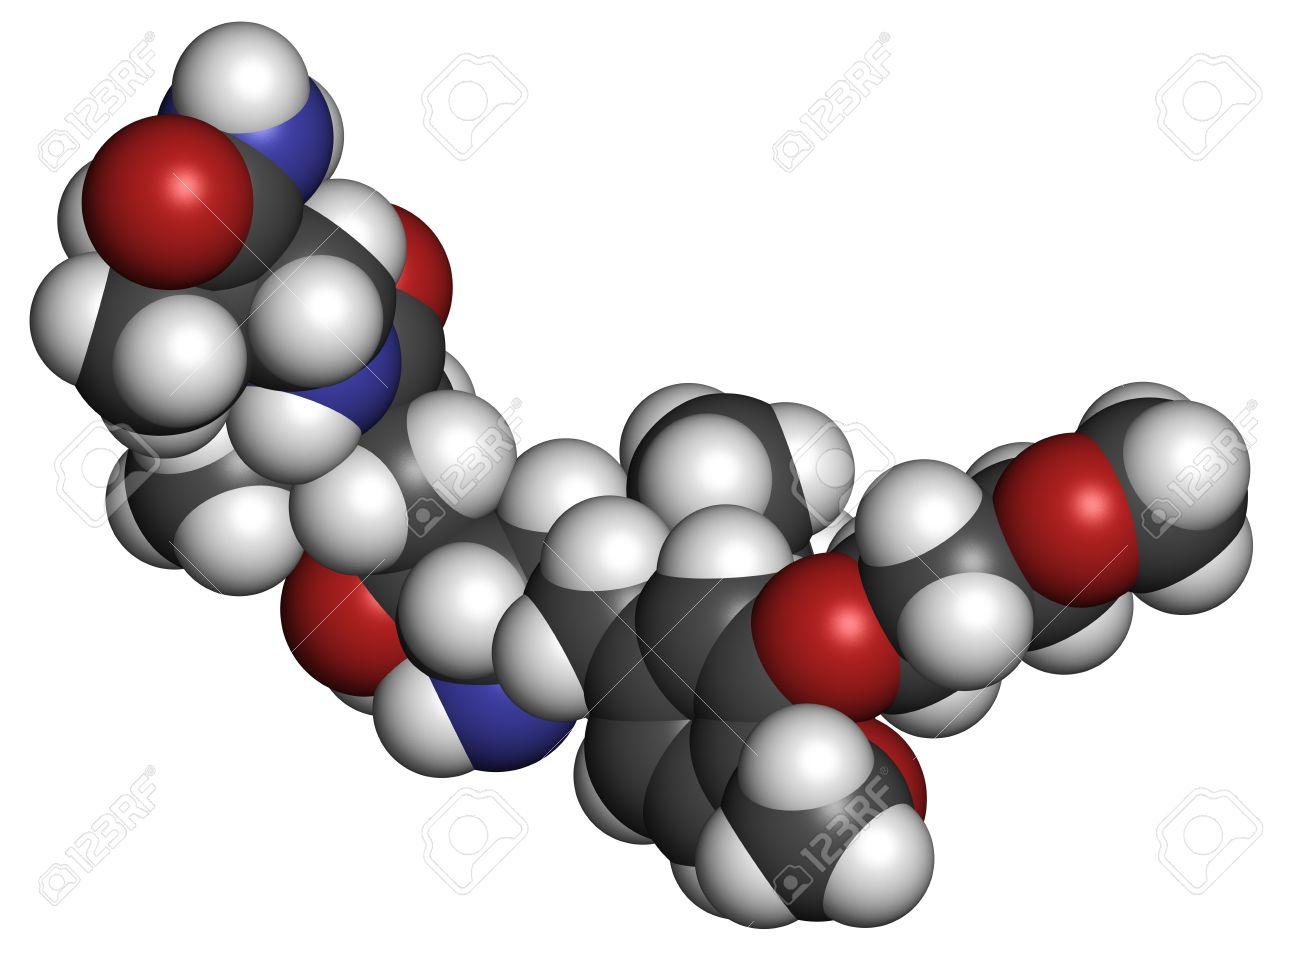 tratamiento con inhibidores de ace para la disfunción eréctil